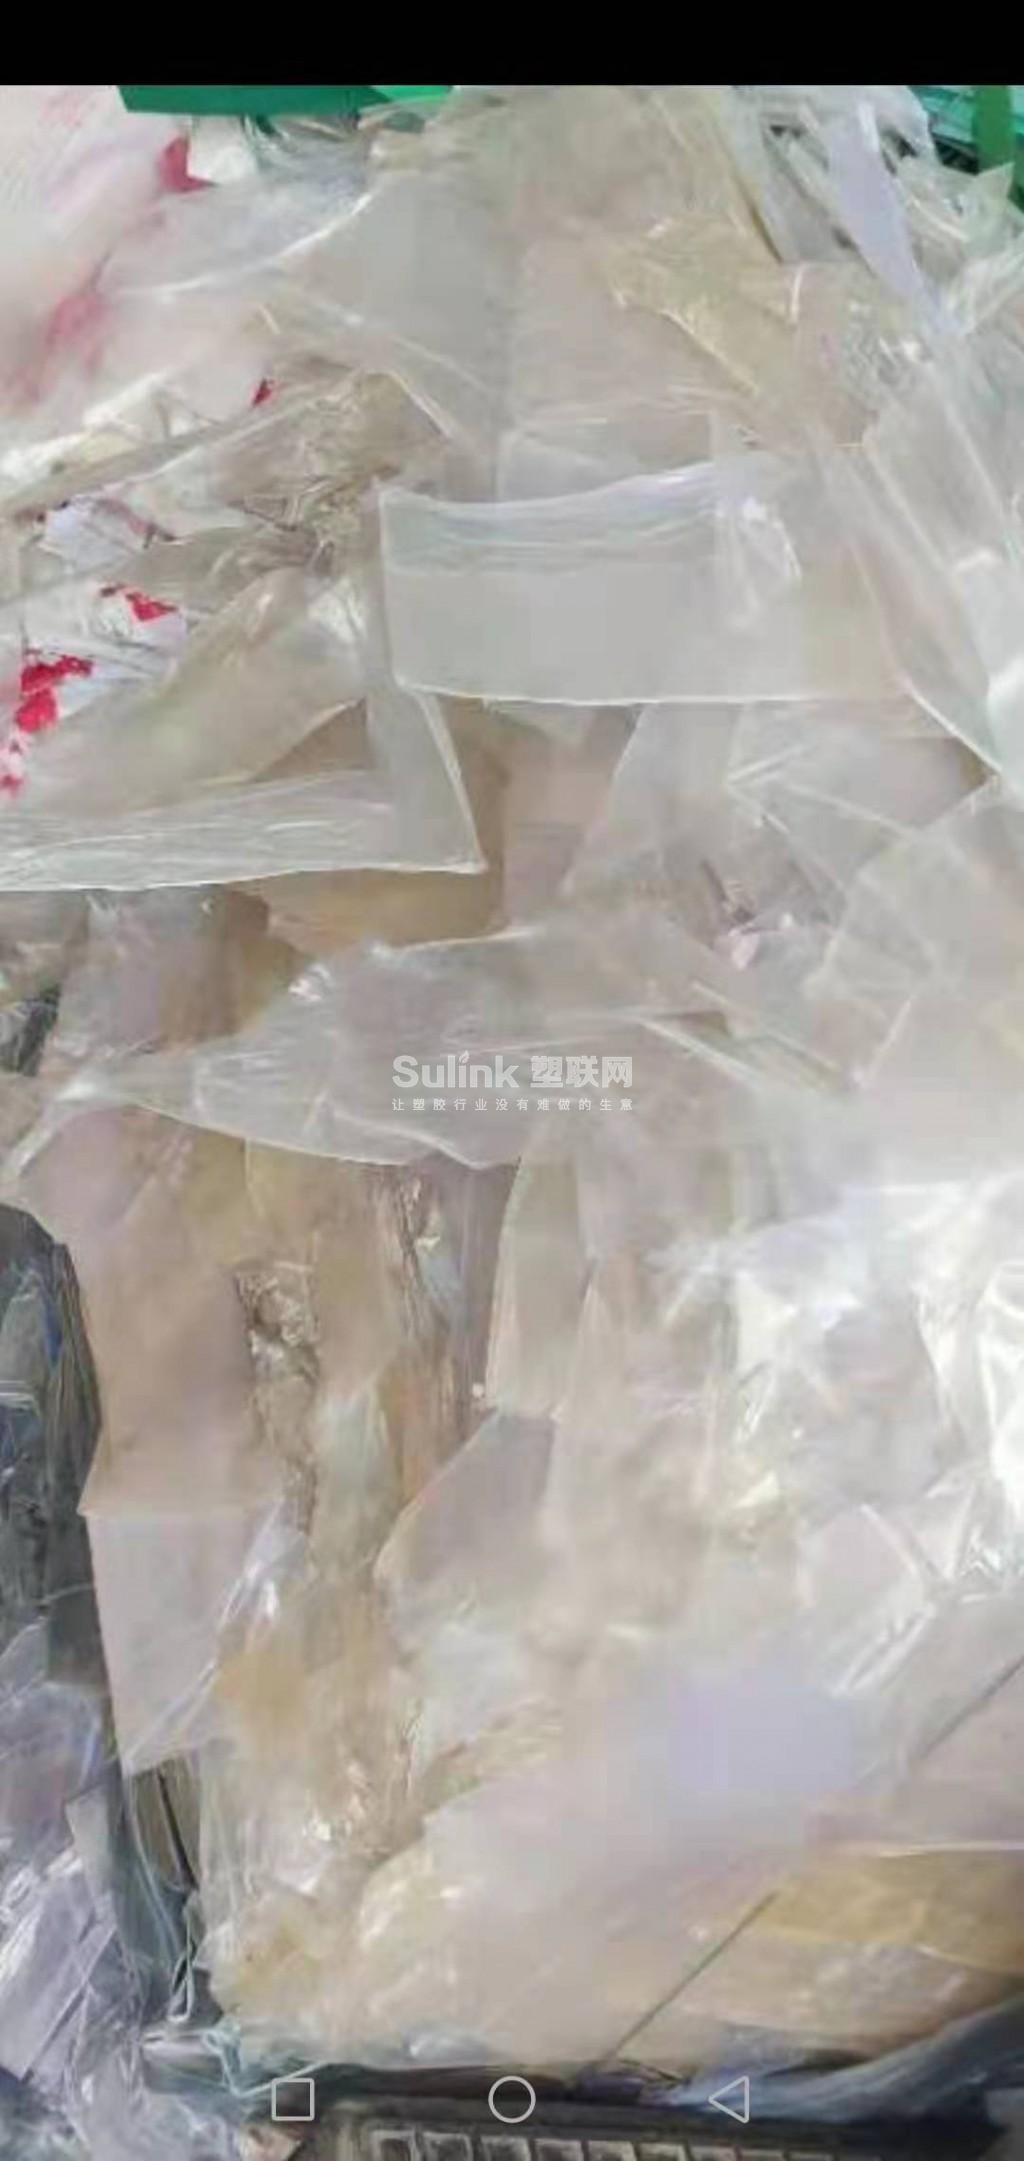 收购铝合金金包装膜透明PVC- 塑联网 - 塑料联网信息服务平台